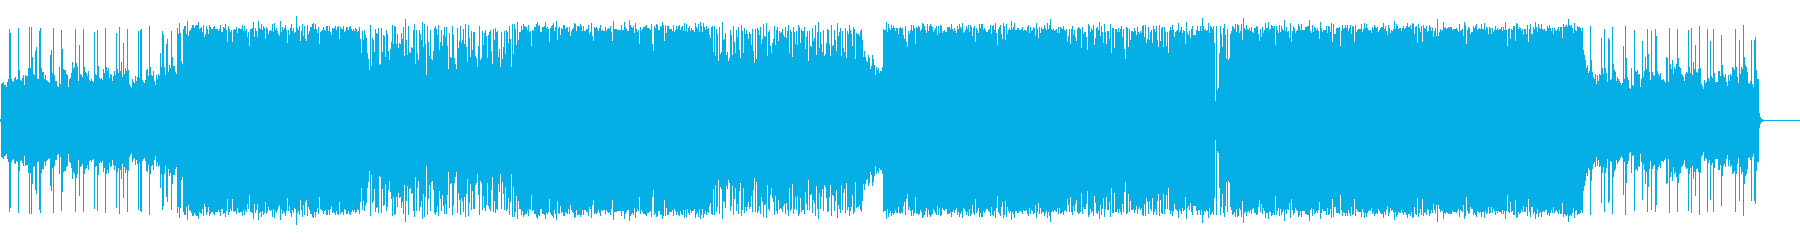 ダンサブルなロックチューン!の再生済みの波形